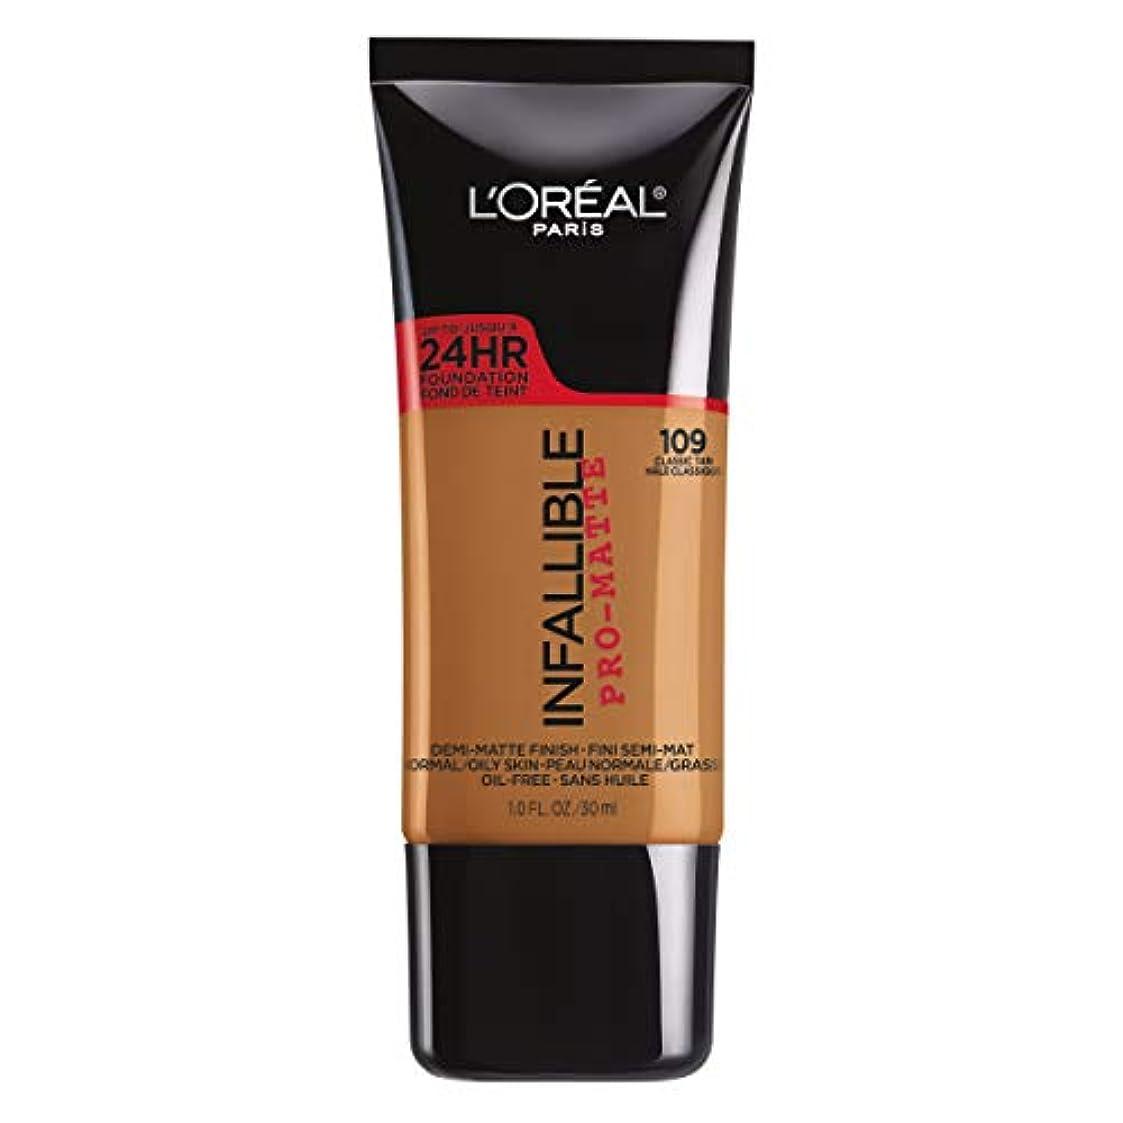 条件付き暖炉比率L'Oreal Paris Infallible Pro-Matte Foundation Makeup, 109 Classic Tan, 1 fl. oz[並行輸入品]